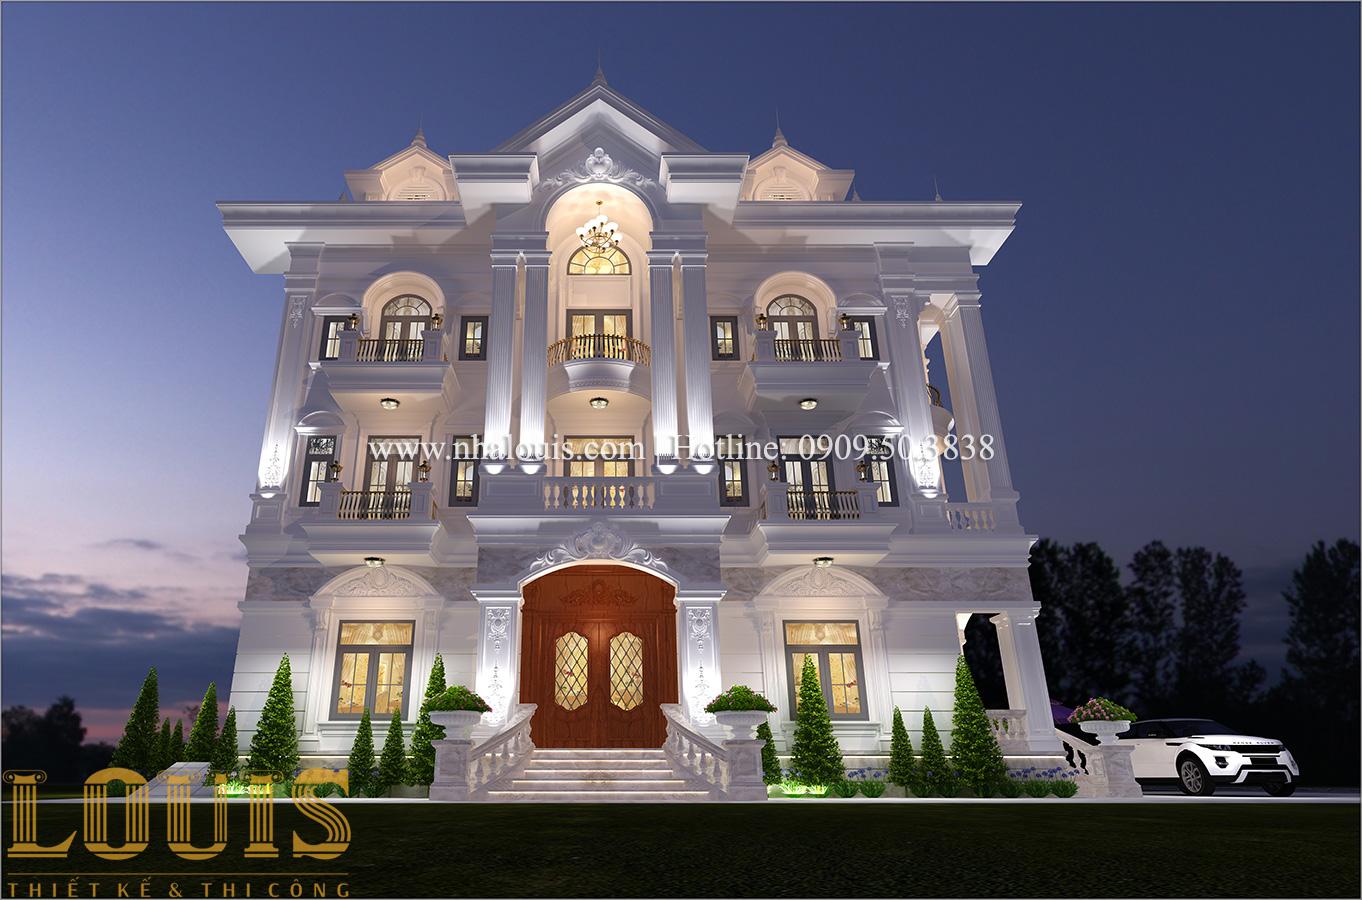 Mặt tiền Mẫu biệt thự 4 tầng phong cách tân cổ điển nổi bật tại Thanh Hóa - 02